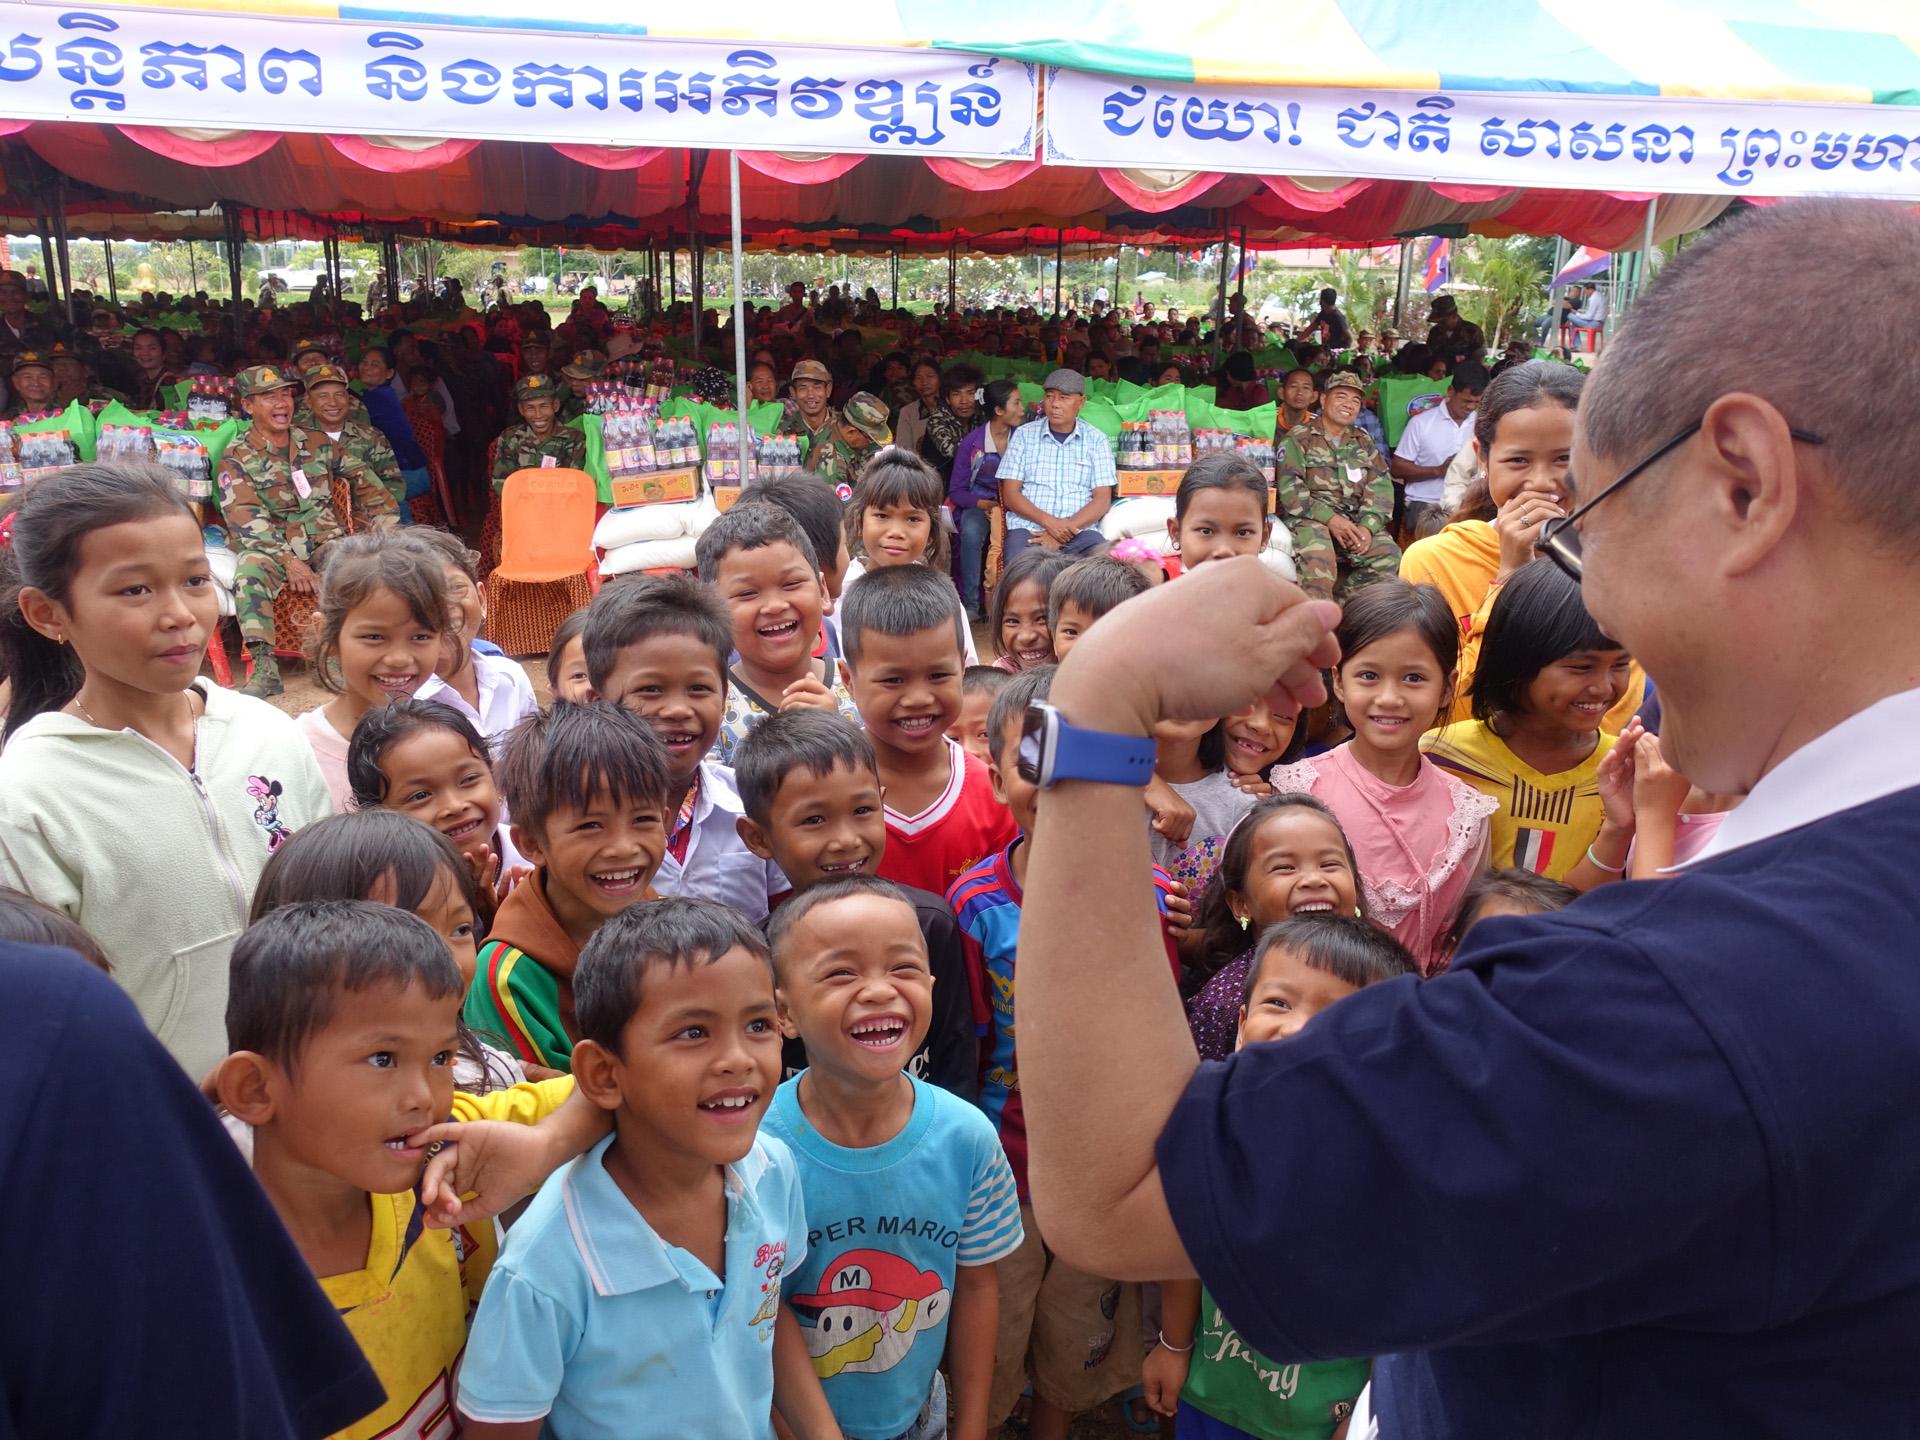 慈濟志工和當地孩童互動,讓孩童開懷大笑。(攝影:陳誼謙)